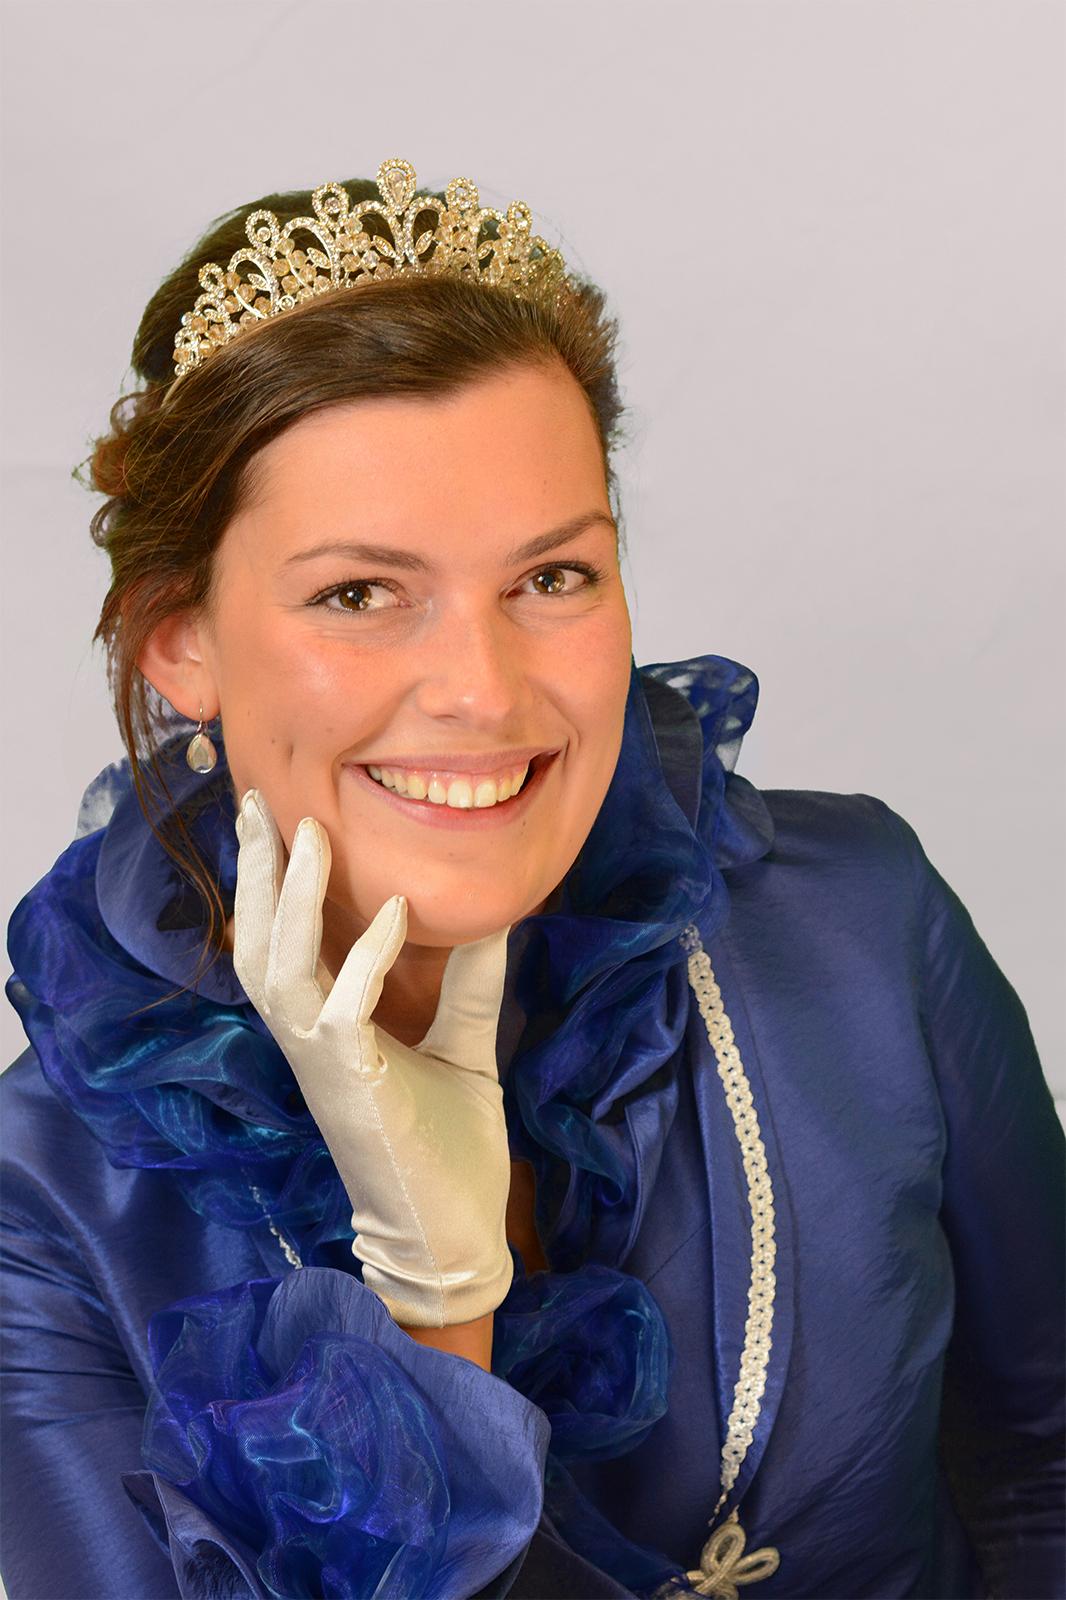 Peejenprinses 2018: Maaike De Rooy!